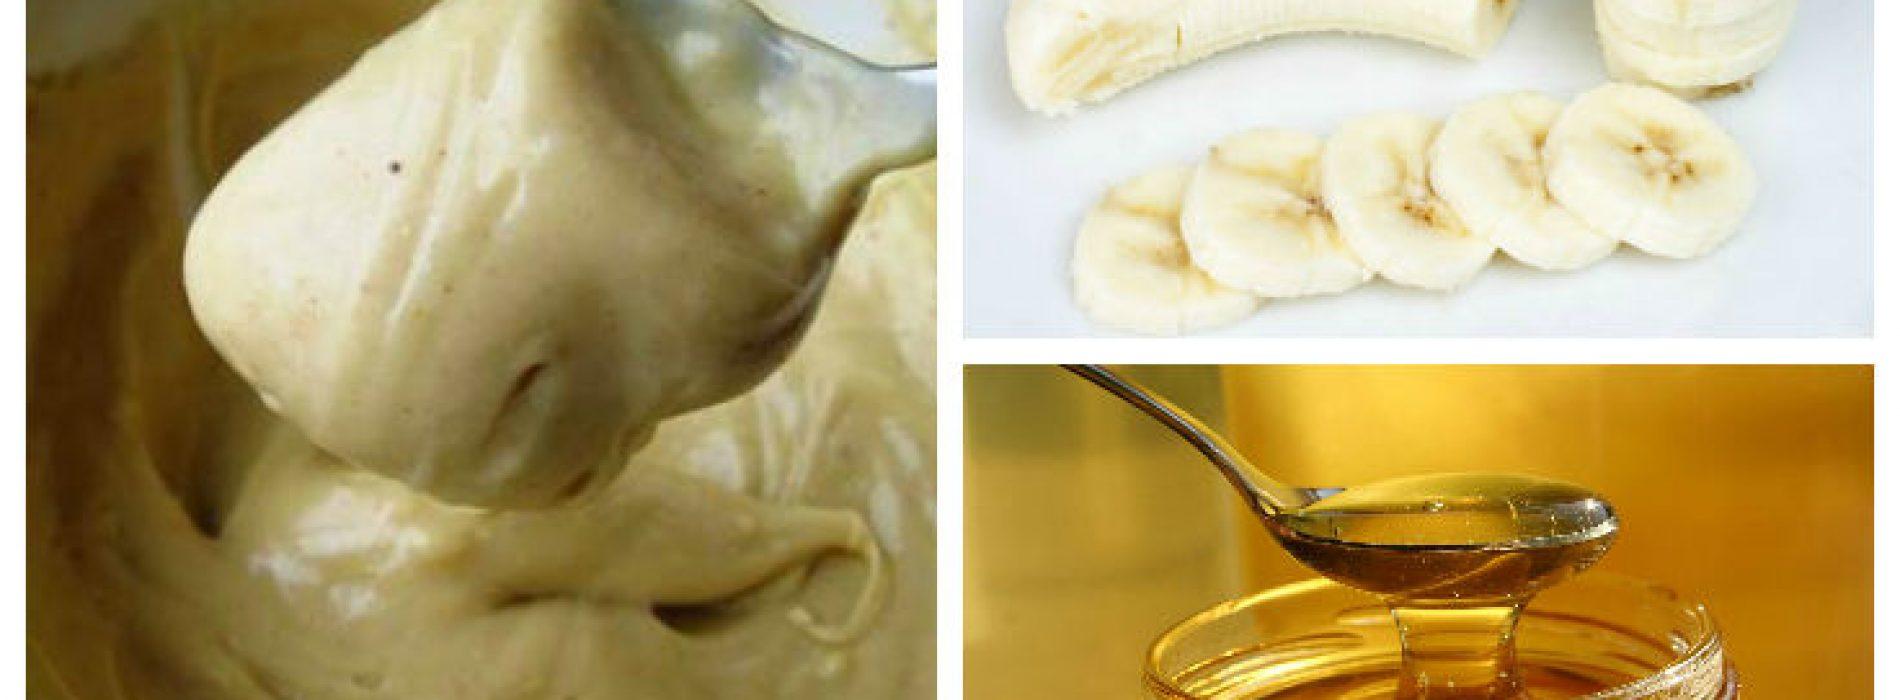 Meng deze 3 ingrediënten en versla hoest. Met dit mengsel verdwijnt je bronchitis!